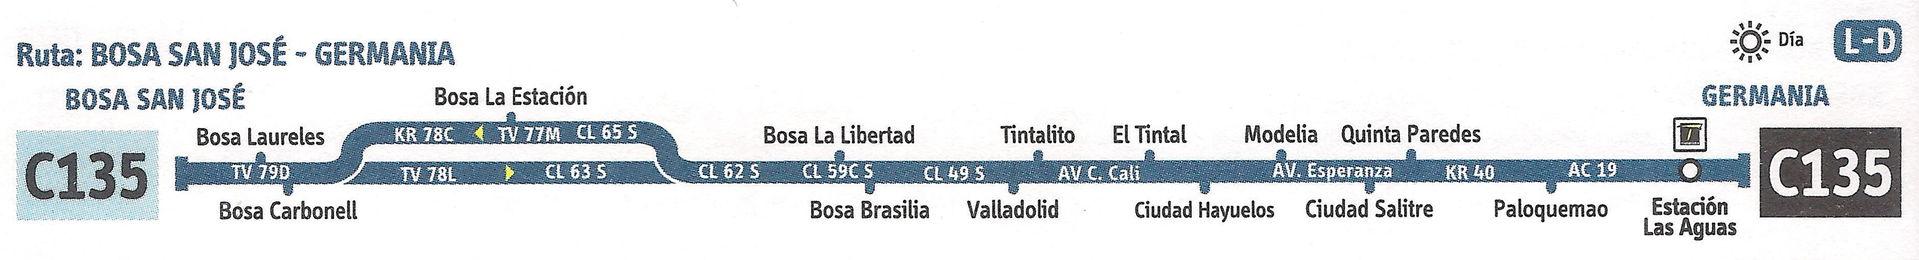 Ruta SITP: C135 Bosá, San José ↔ Germania [Urbana] 1